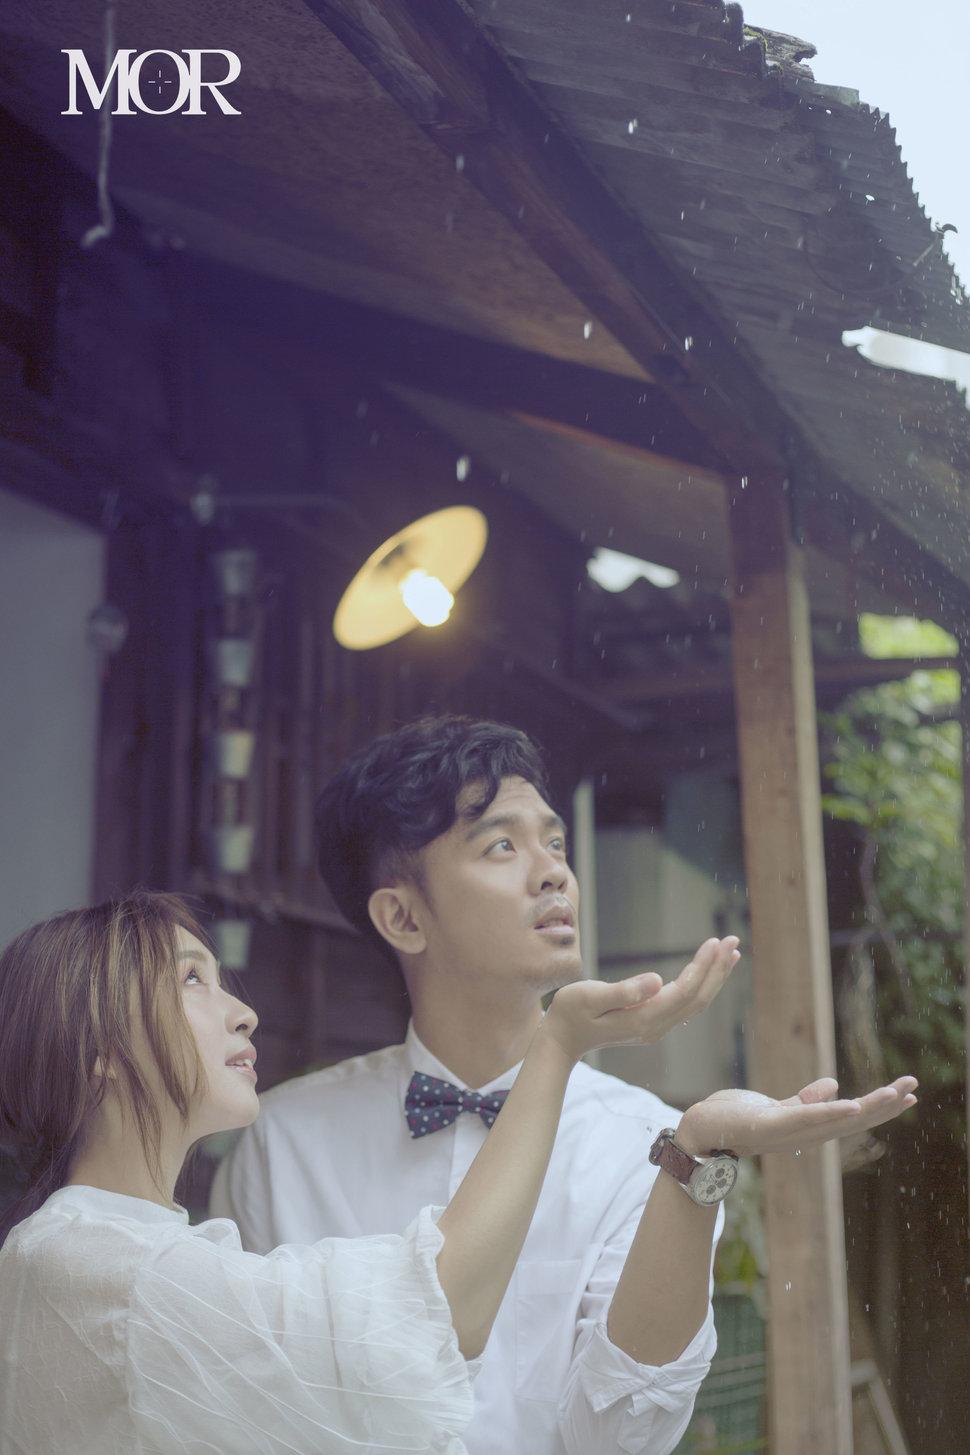 Mor_sample3_ (17) - MOR 婚紗攝影工坊 - 結婚吧